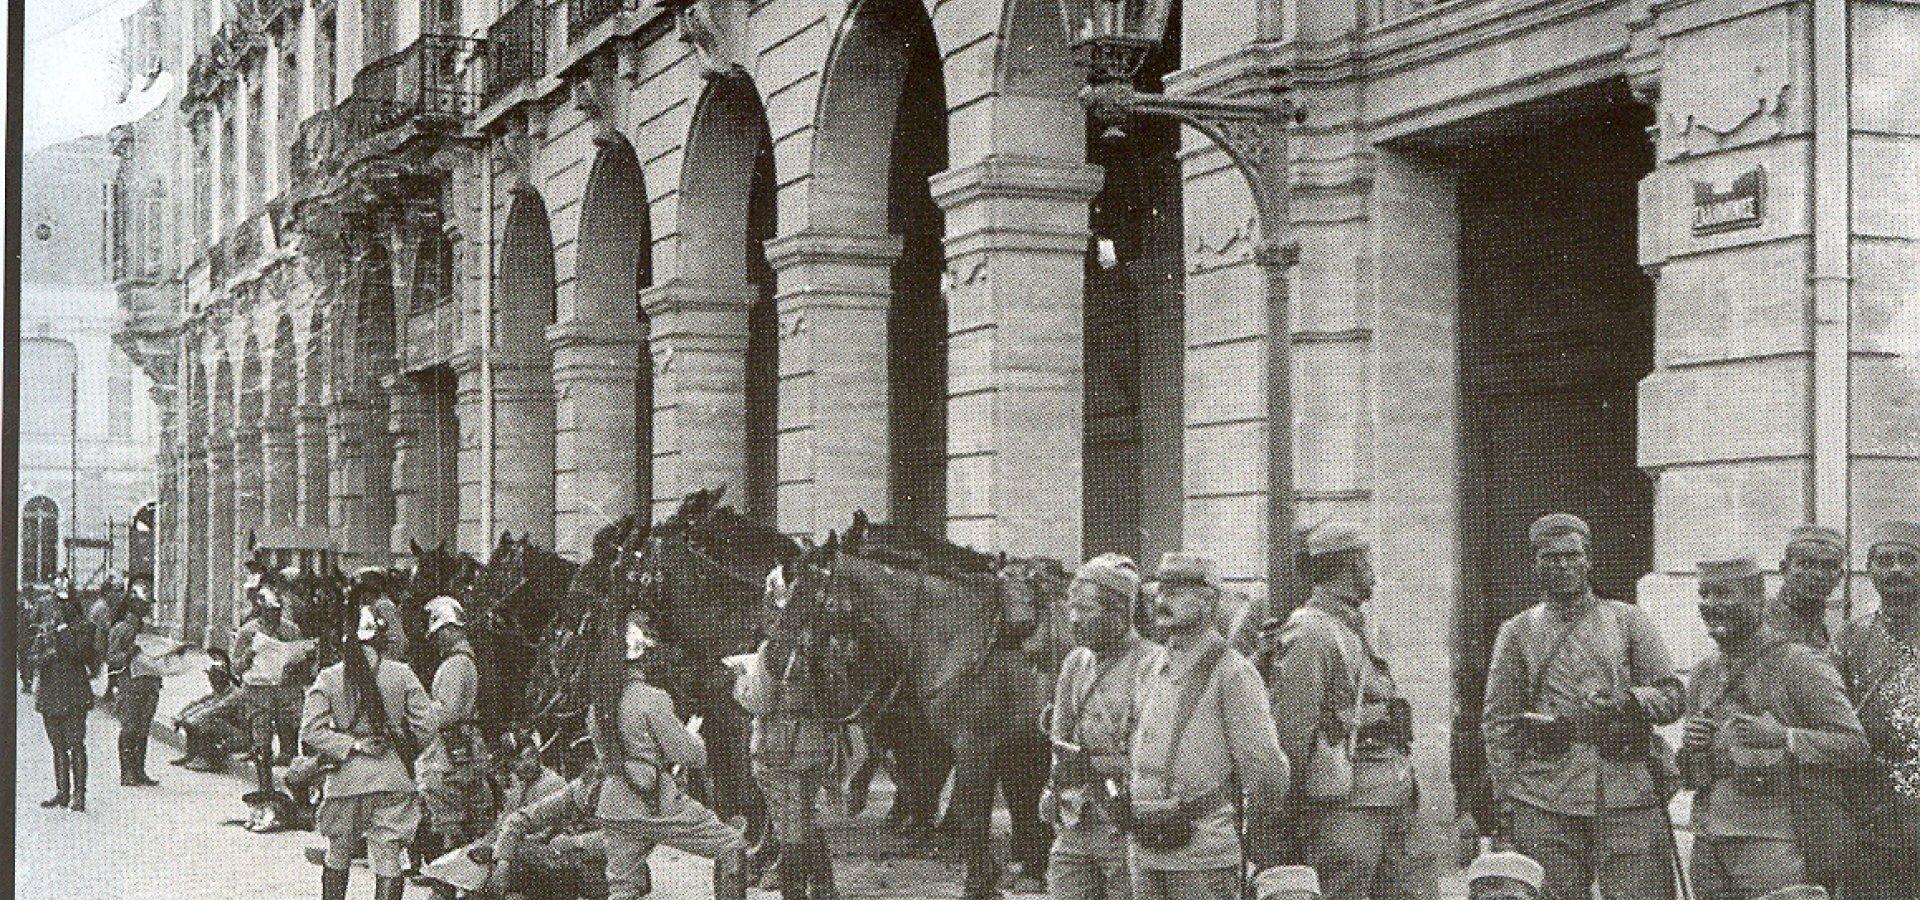 29 Αυγούστου 1916: Το Κίνημα της Εθνικής Αμύνης στη Θεσσαλονίκη και ο ρόλος στις εσωτερικές εξελίξεις